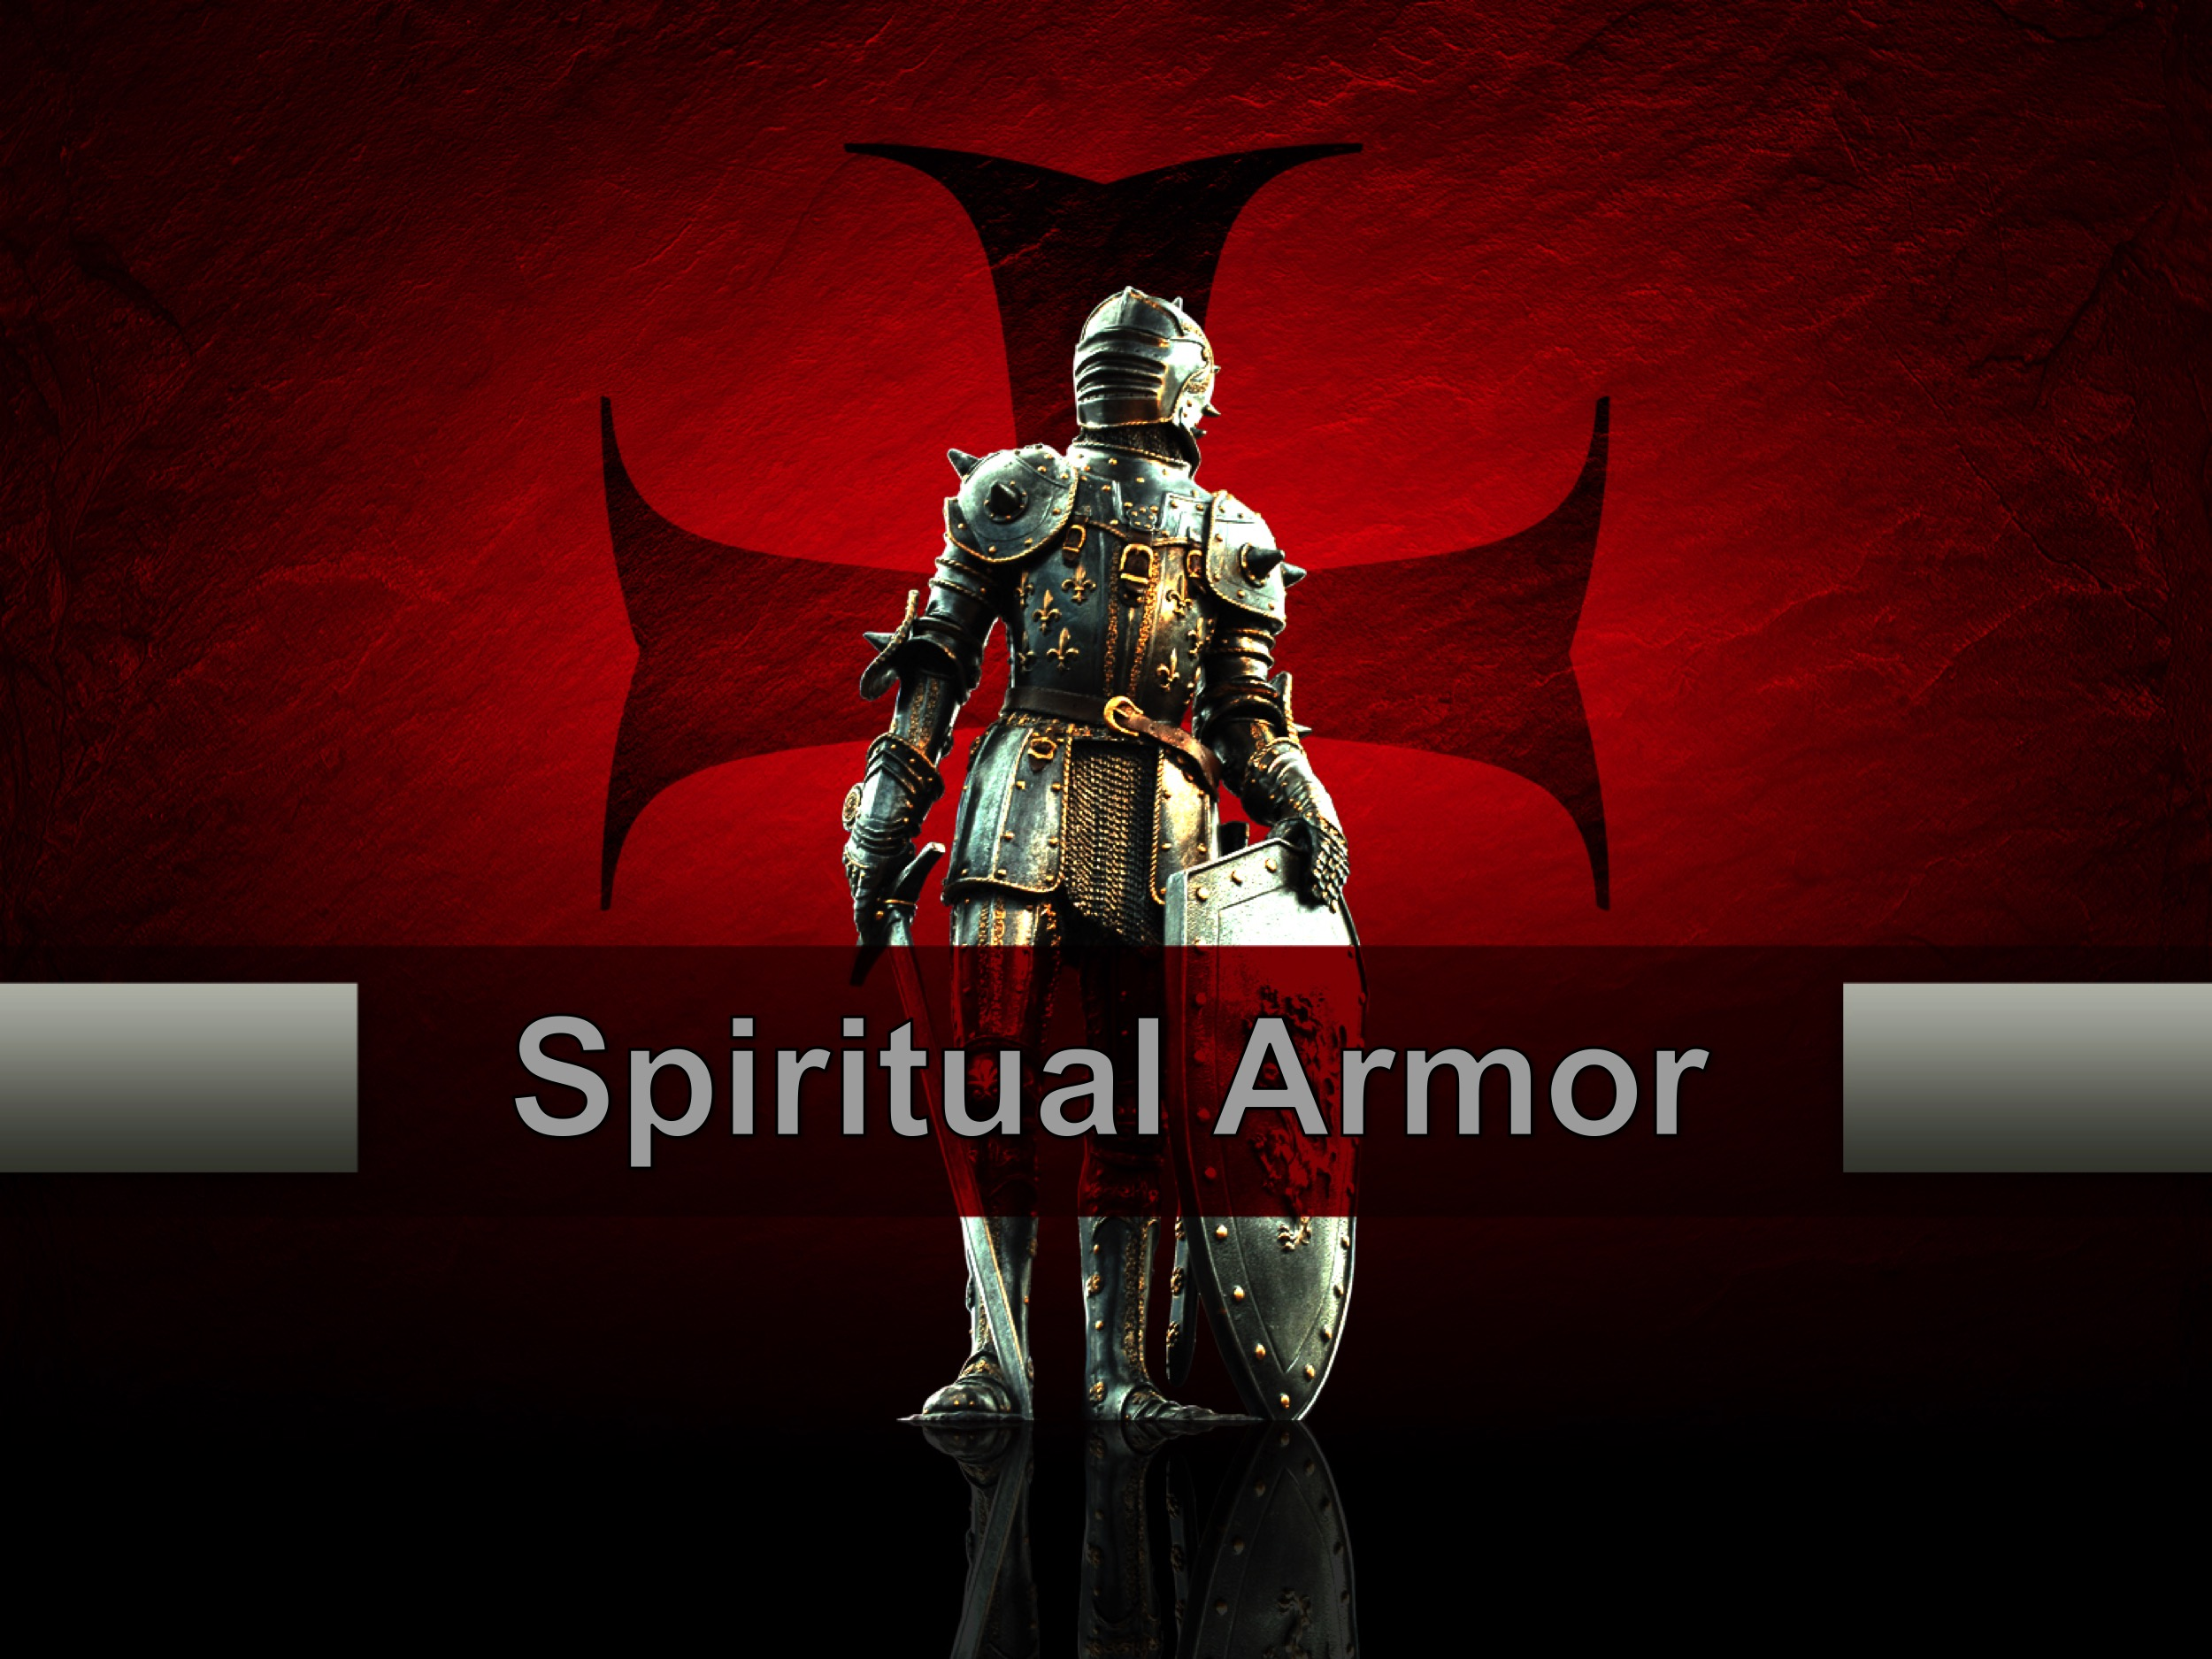 Spiritual Armour P1 7/7/2017 8:31:23 AM